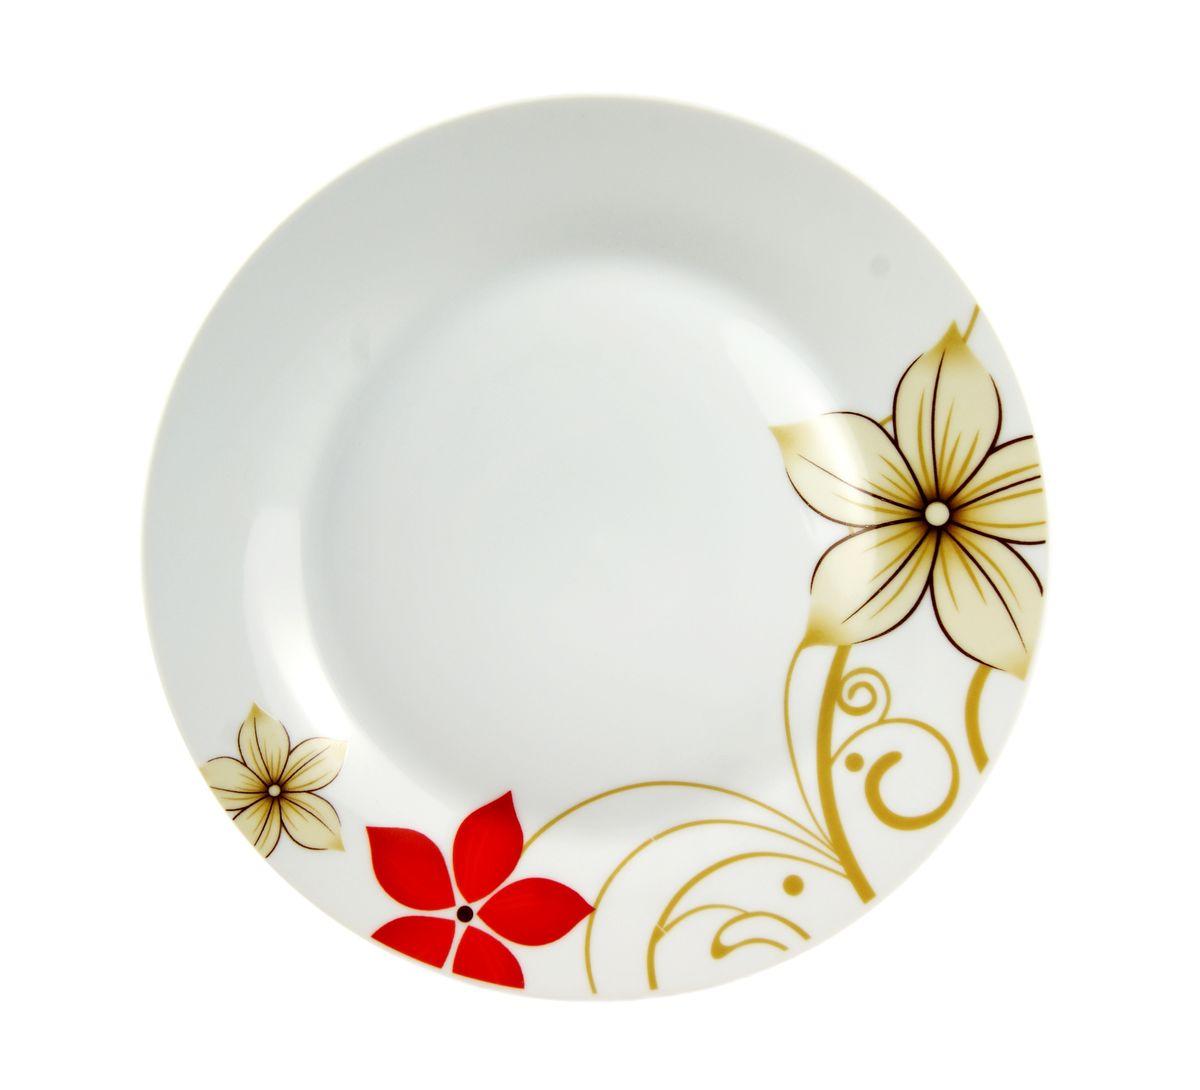 Тарелка десертная Dasen Магнолия, диаметр 19 смDNDS-9000-3Десертная тарелка Dasen Магнолия, изготовленная из высококачественной керамики, предназначена для красивой подачи различных блюд. Изделие декорировано изящным рисунком цветов и имеет изысканный внешний вид.Такая тарелка украсит сервировку стола и подчеркнет прекрасный вкус хозяйки.Можно мыть в посудомоечной машине и использовать в микроволновой печи. Диаметр: 19 см.Высота: 1,5 см.